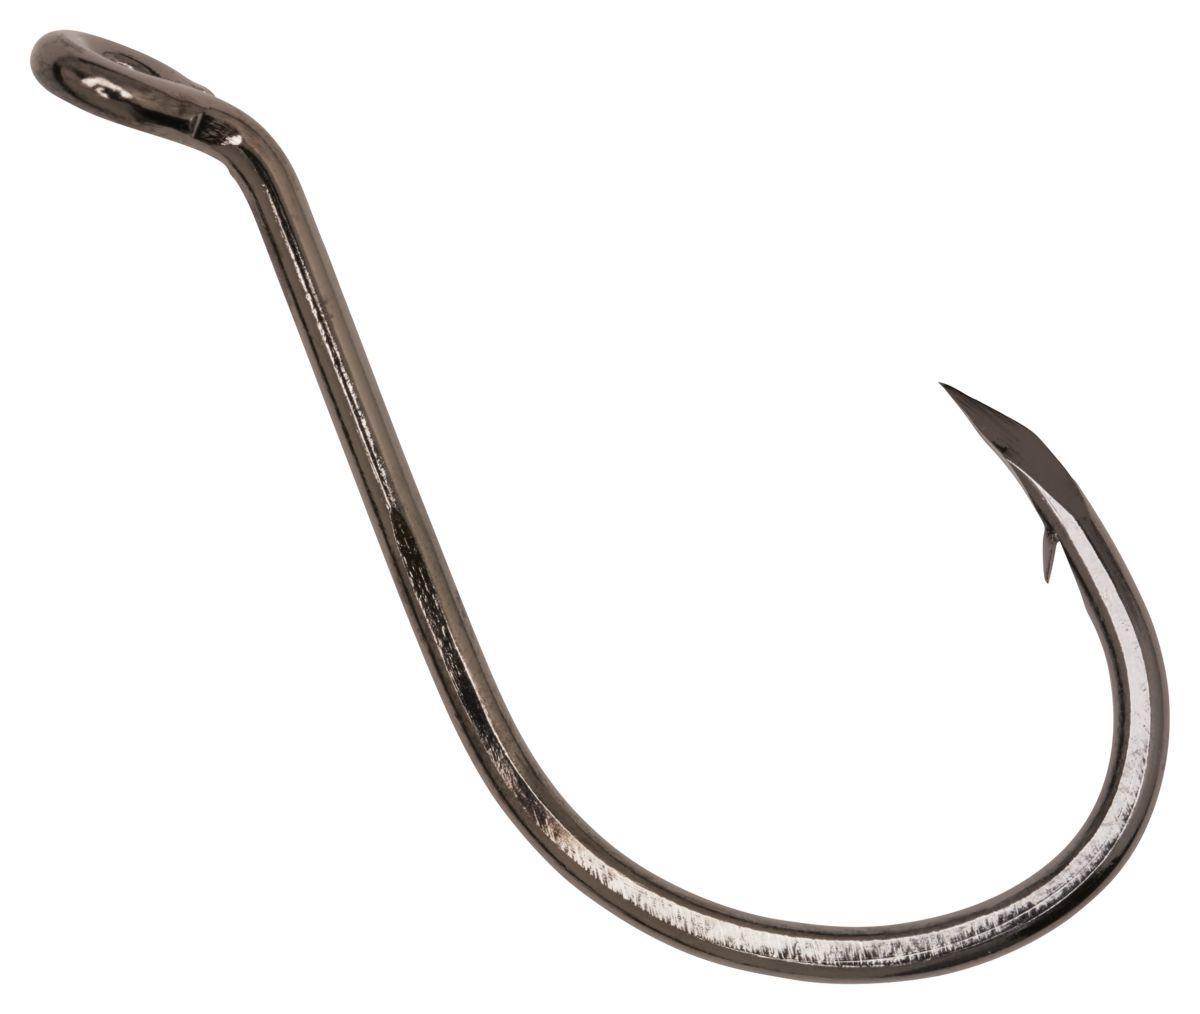 TroKar Heavy Wire Octopus Hook